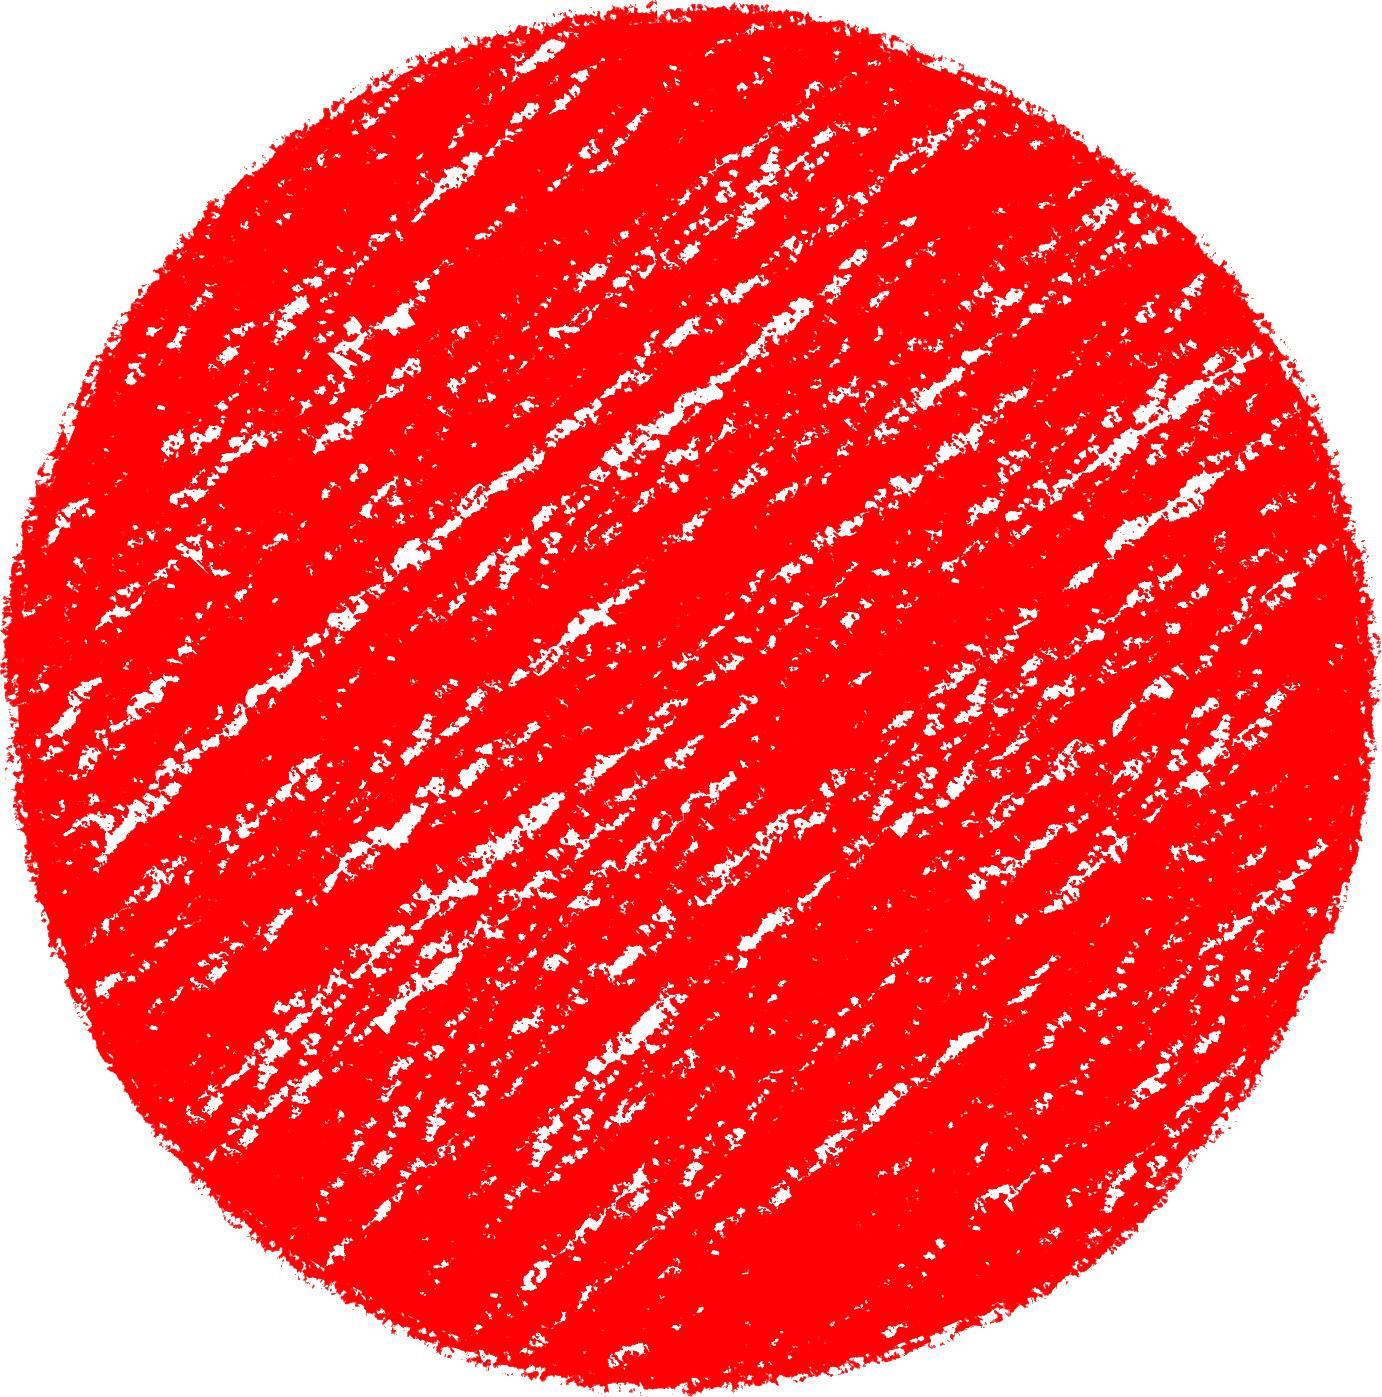 クレヨン塗り背景 赤色 新(レッド) のイラスト sircle_d_red